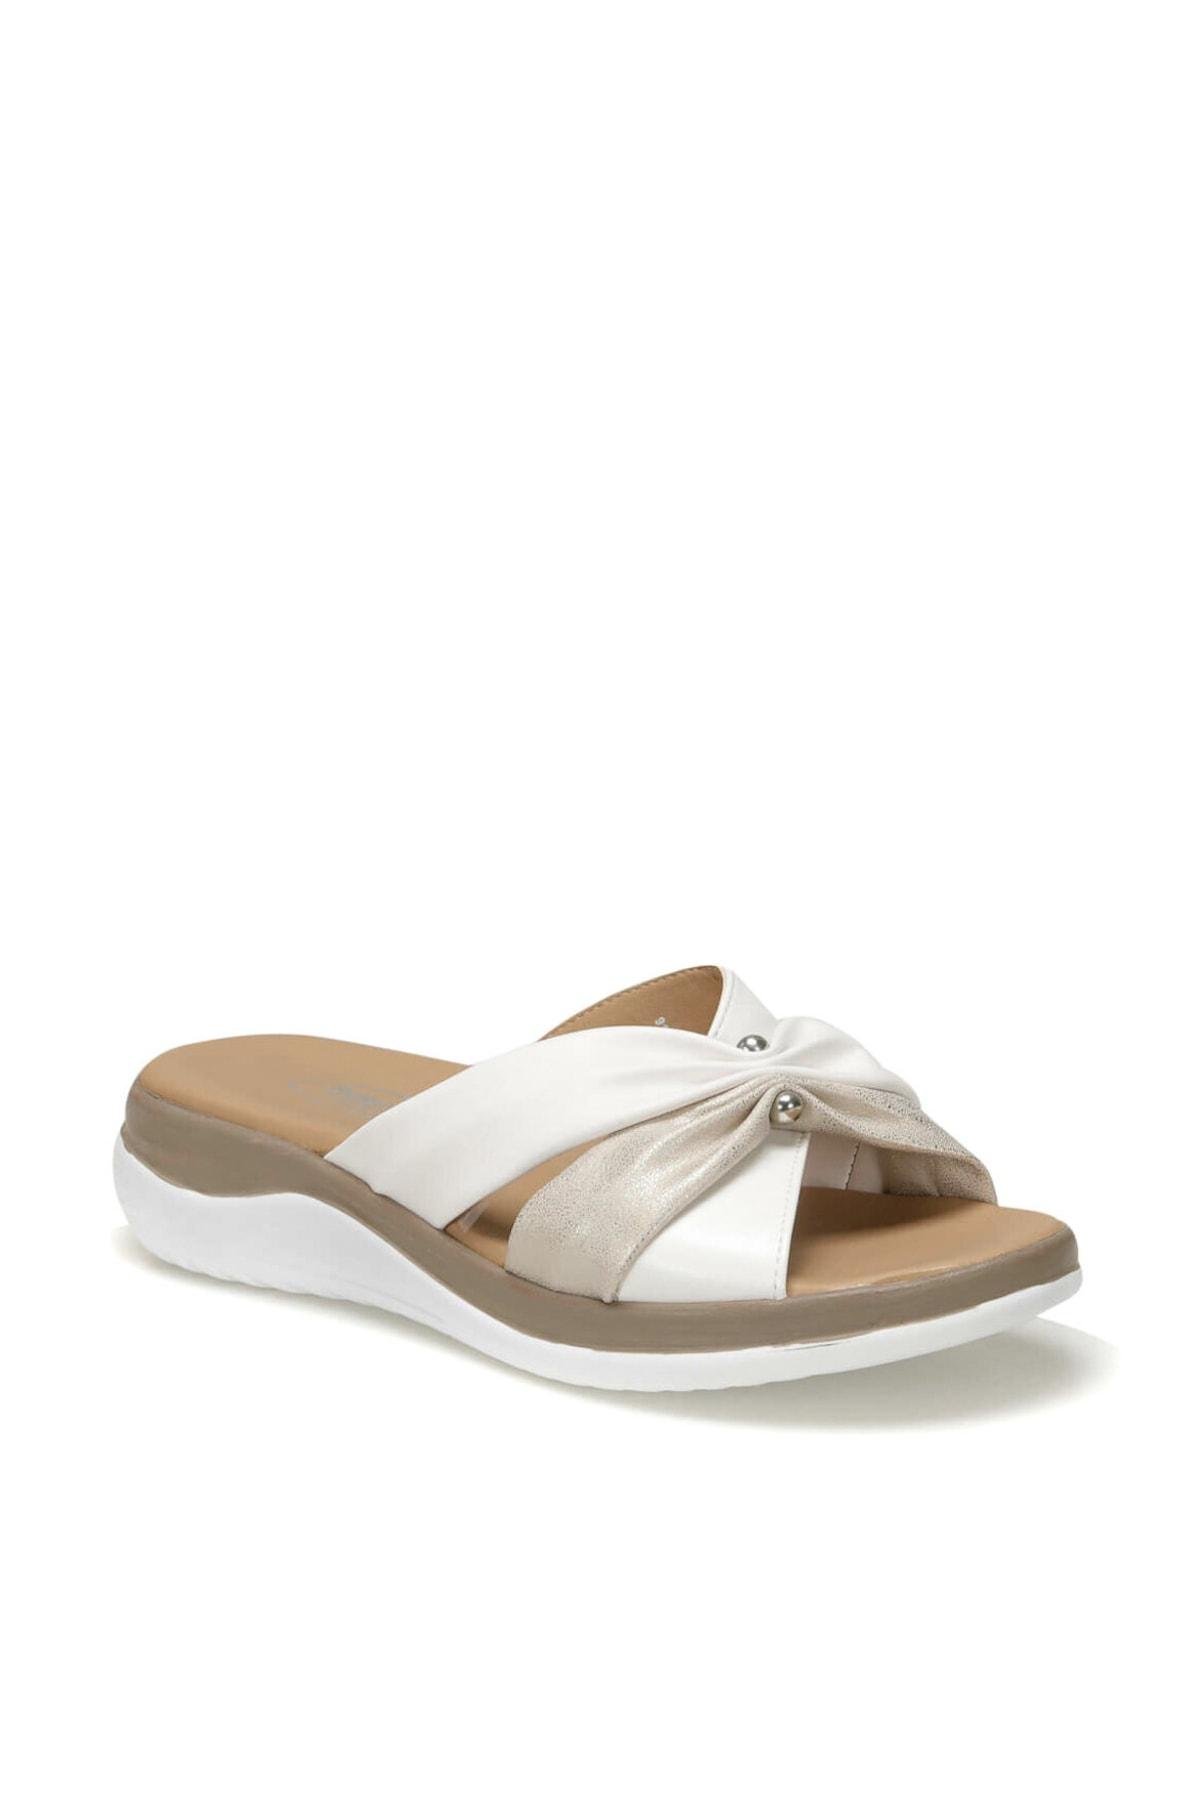 Polaris 91.150933.Z Altın Kadın Sandalet 100379915 1